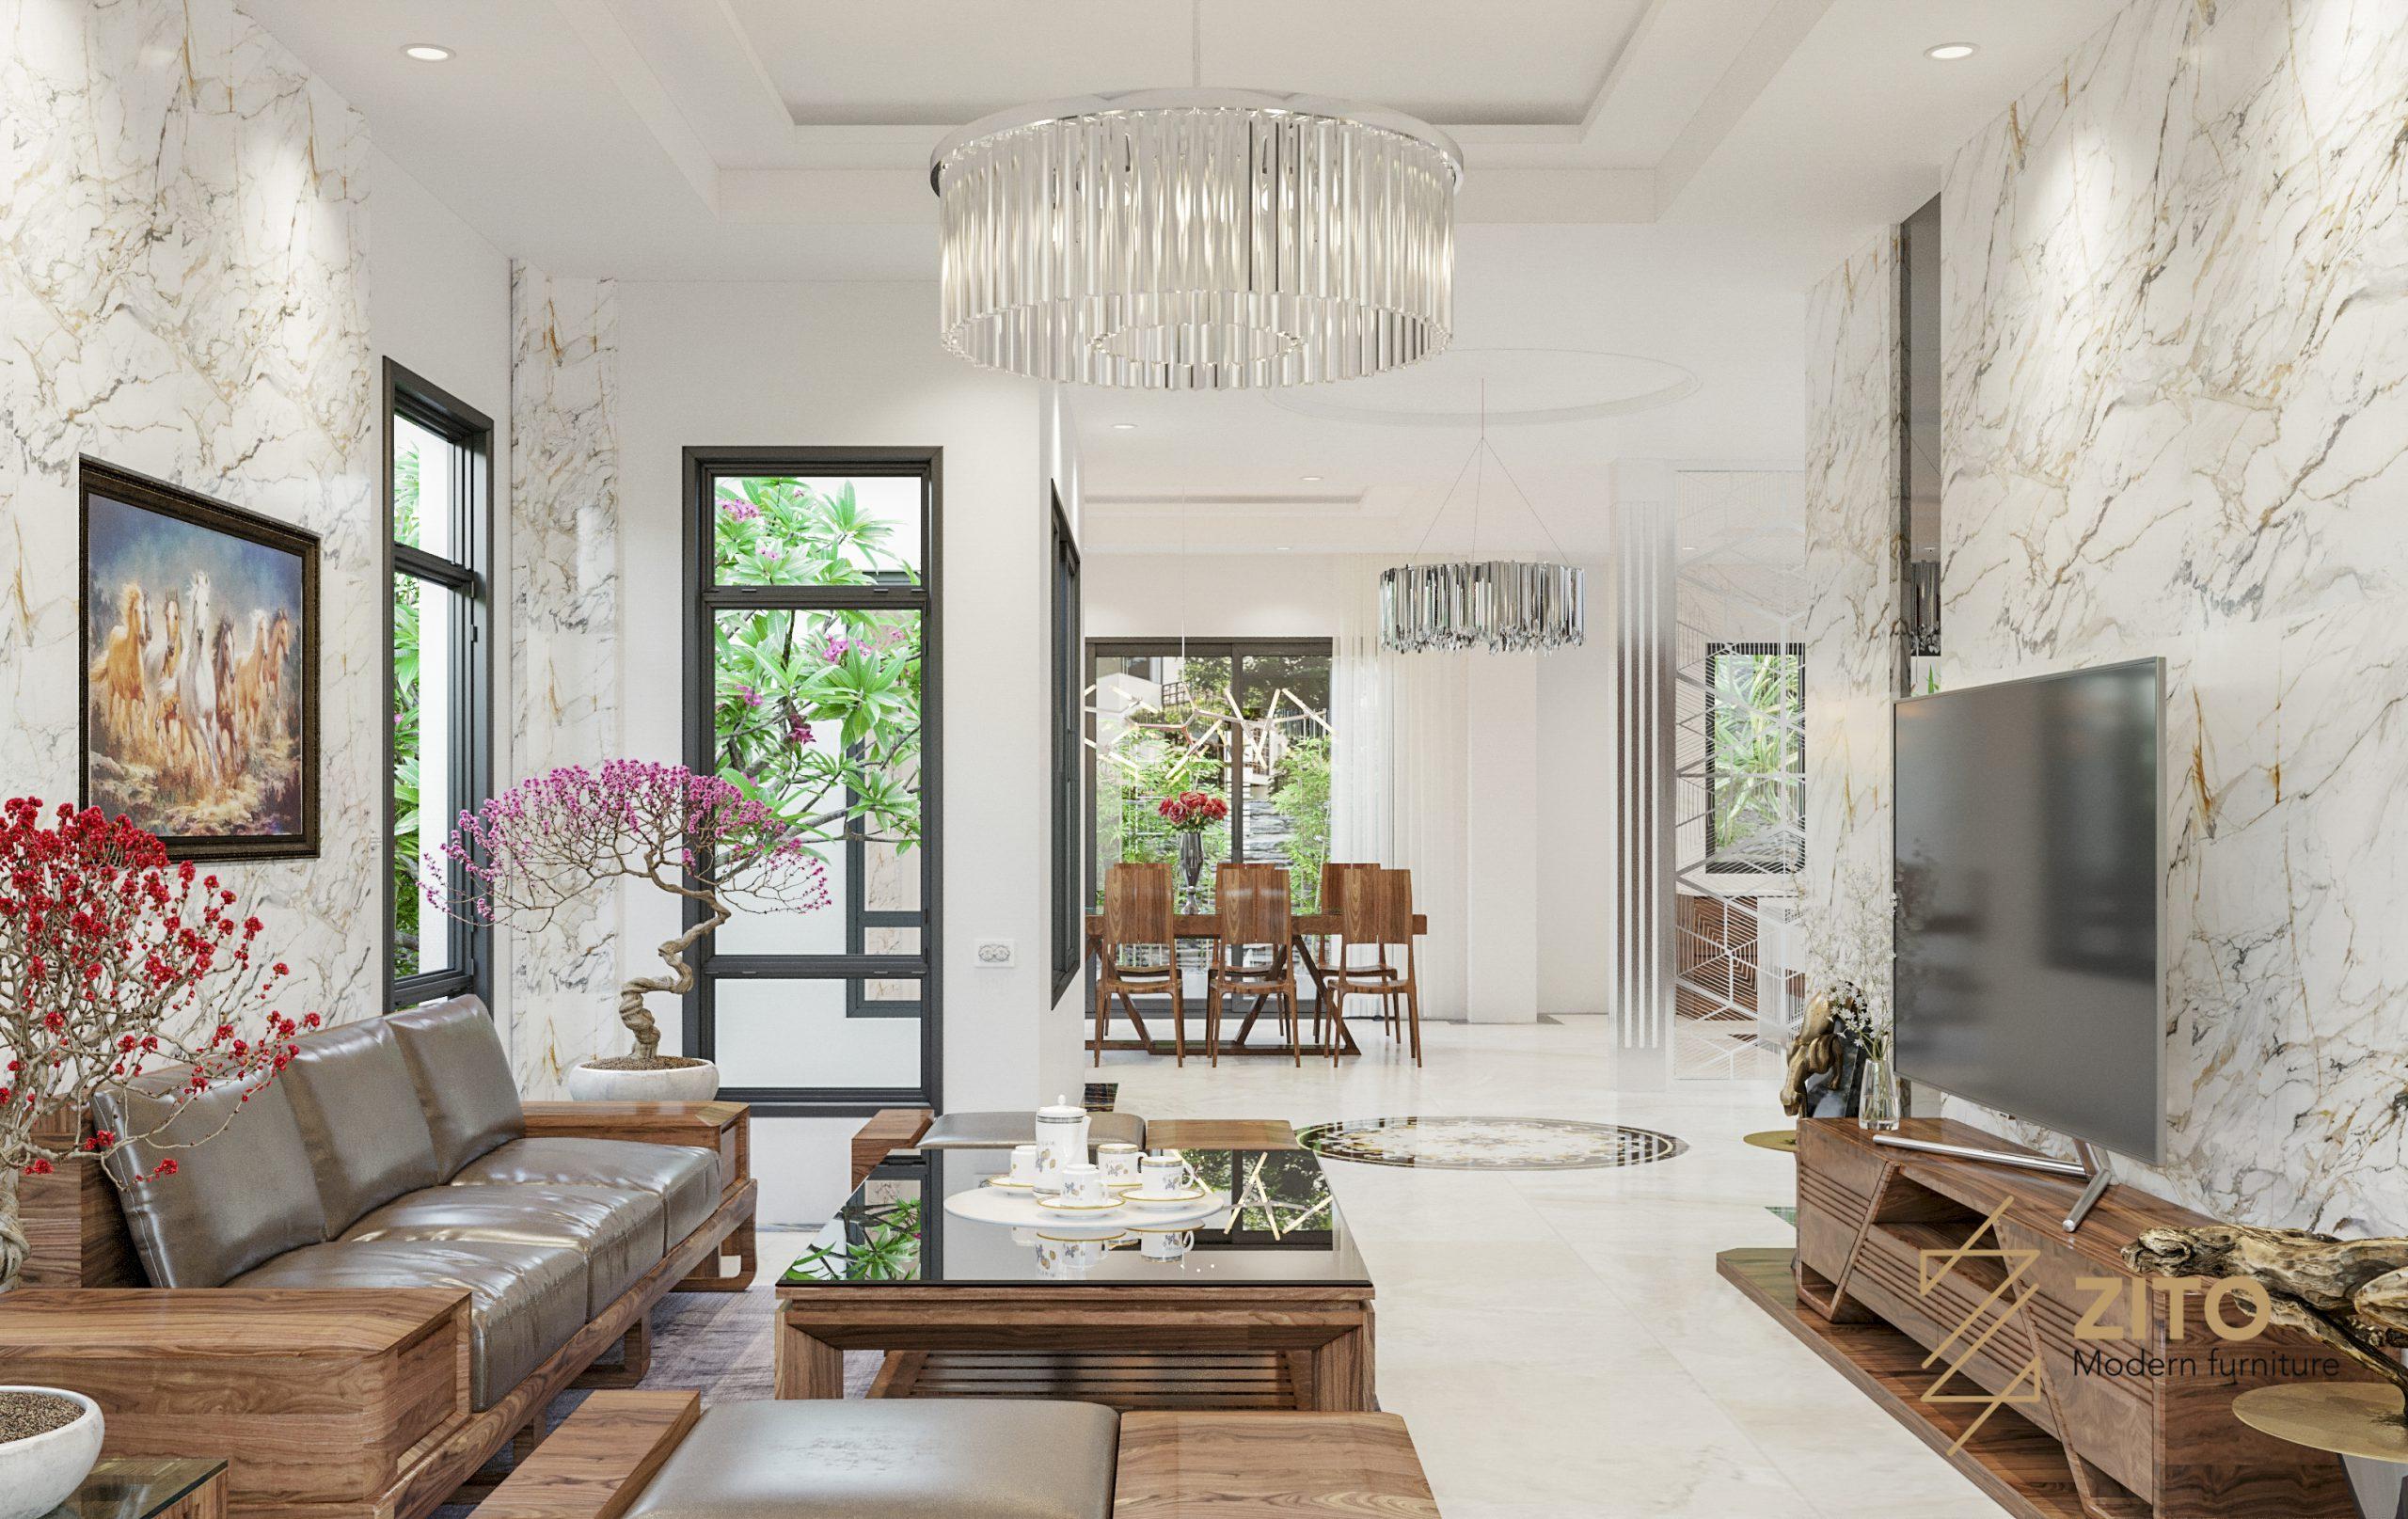 thiết kế nội thất phòng khách 3 gian